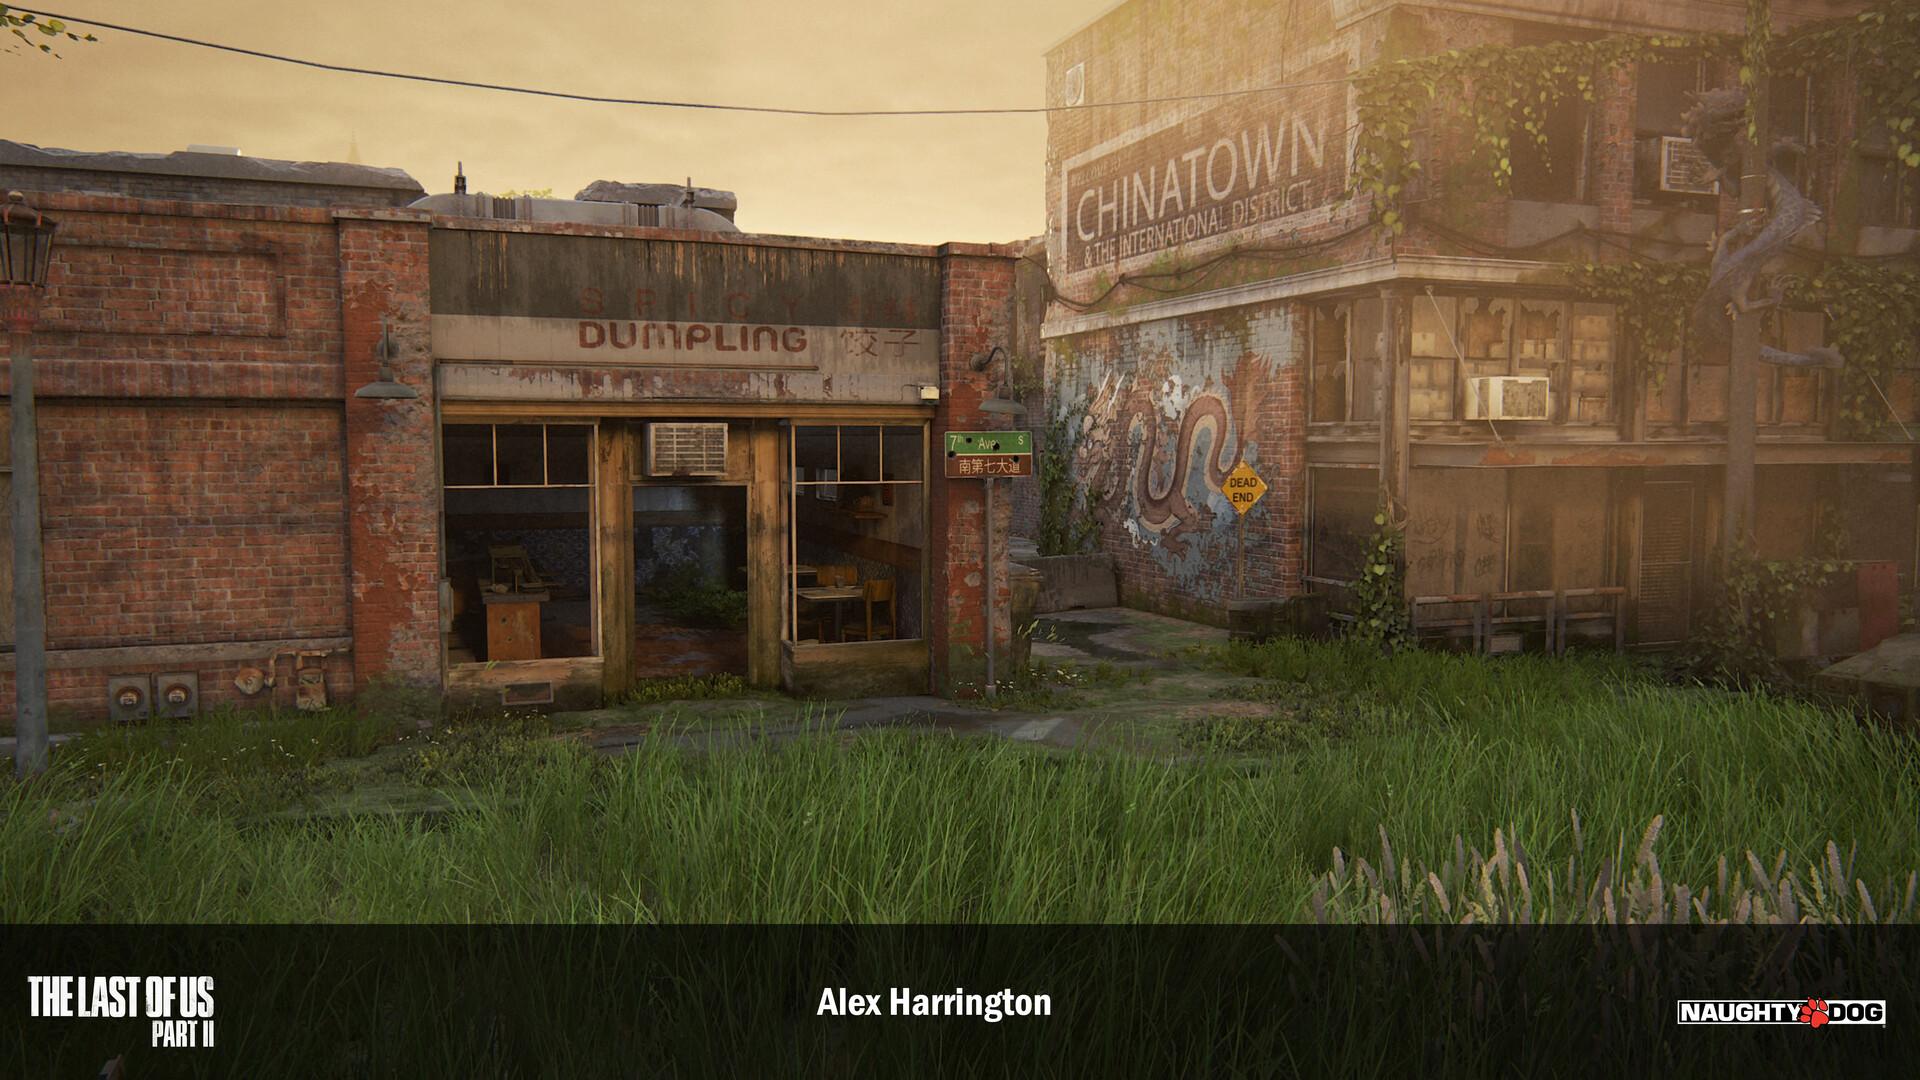 The Last of Us: Part II - grafiki i szkice koncepcyjne